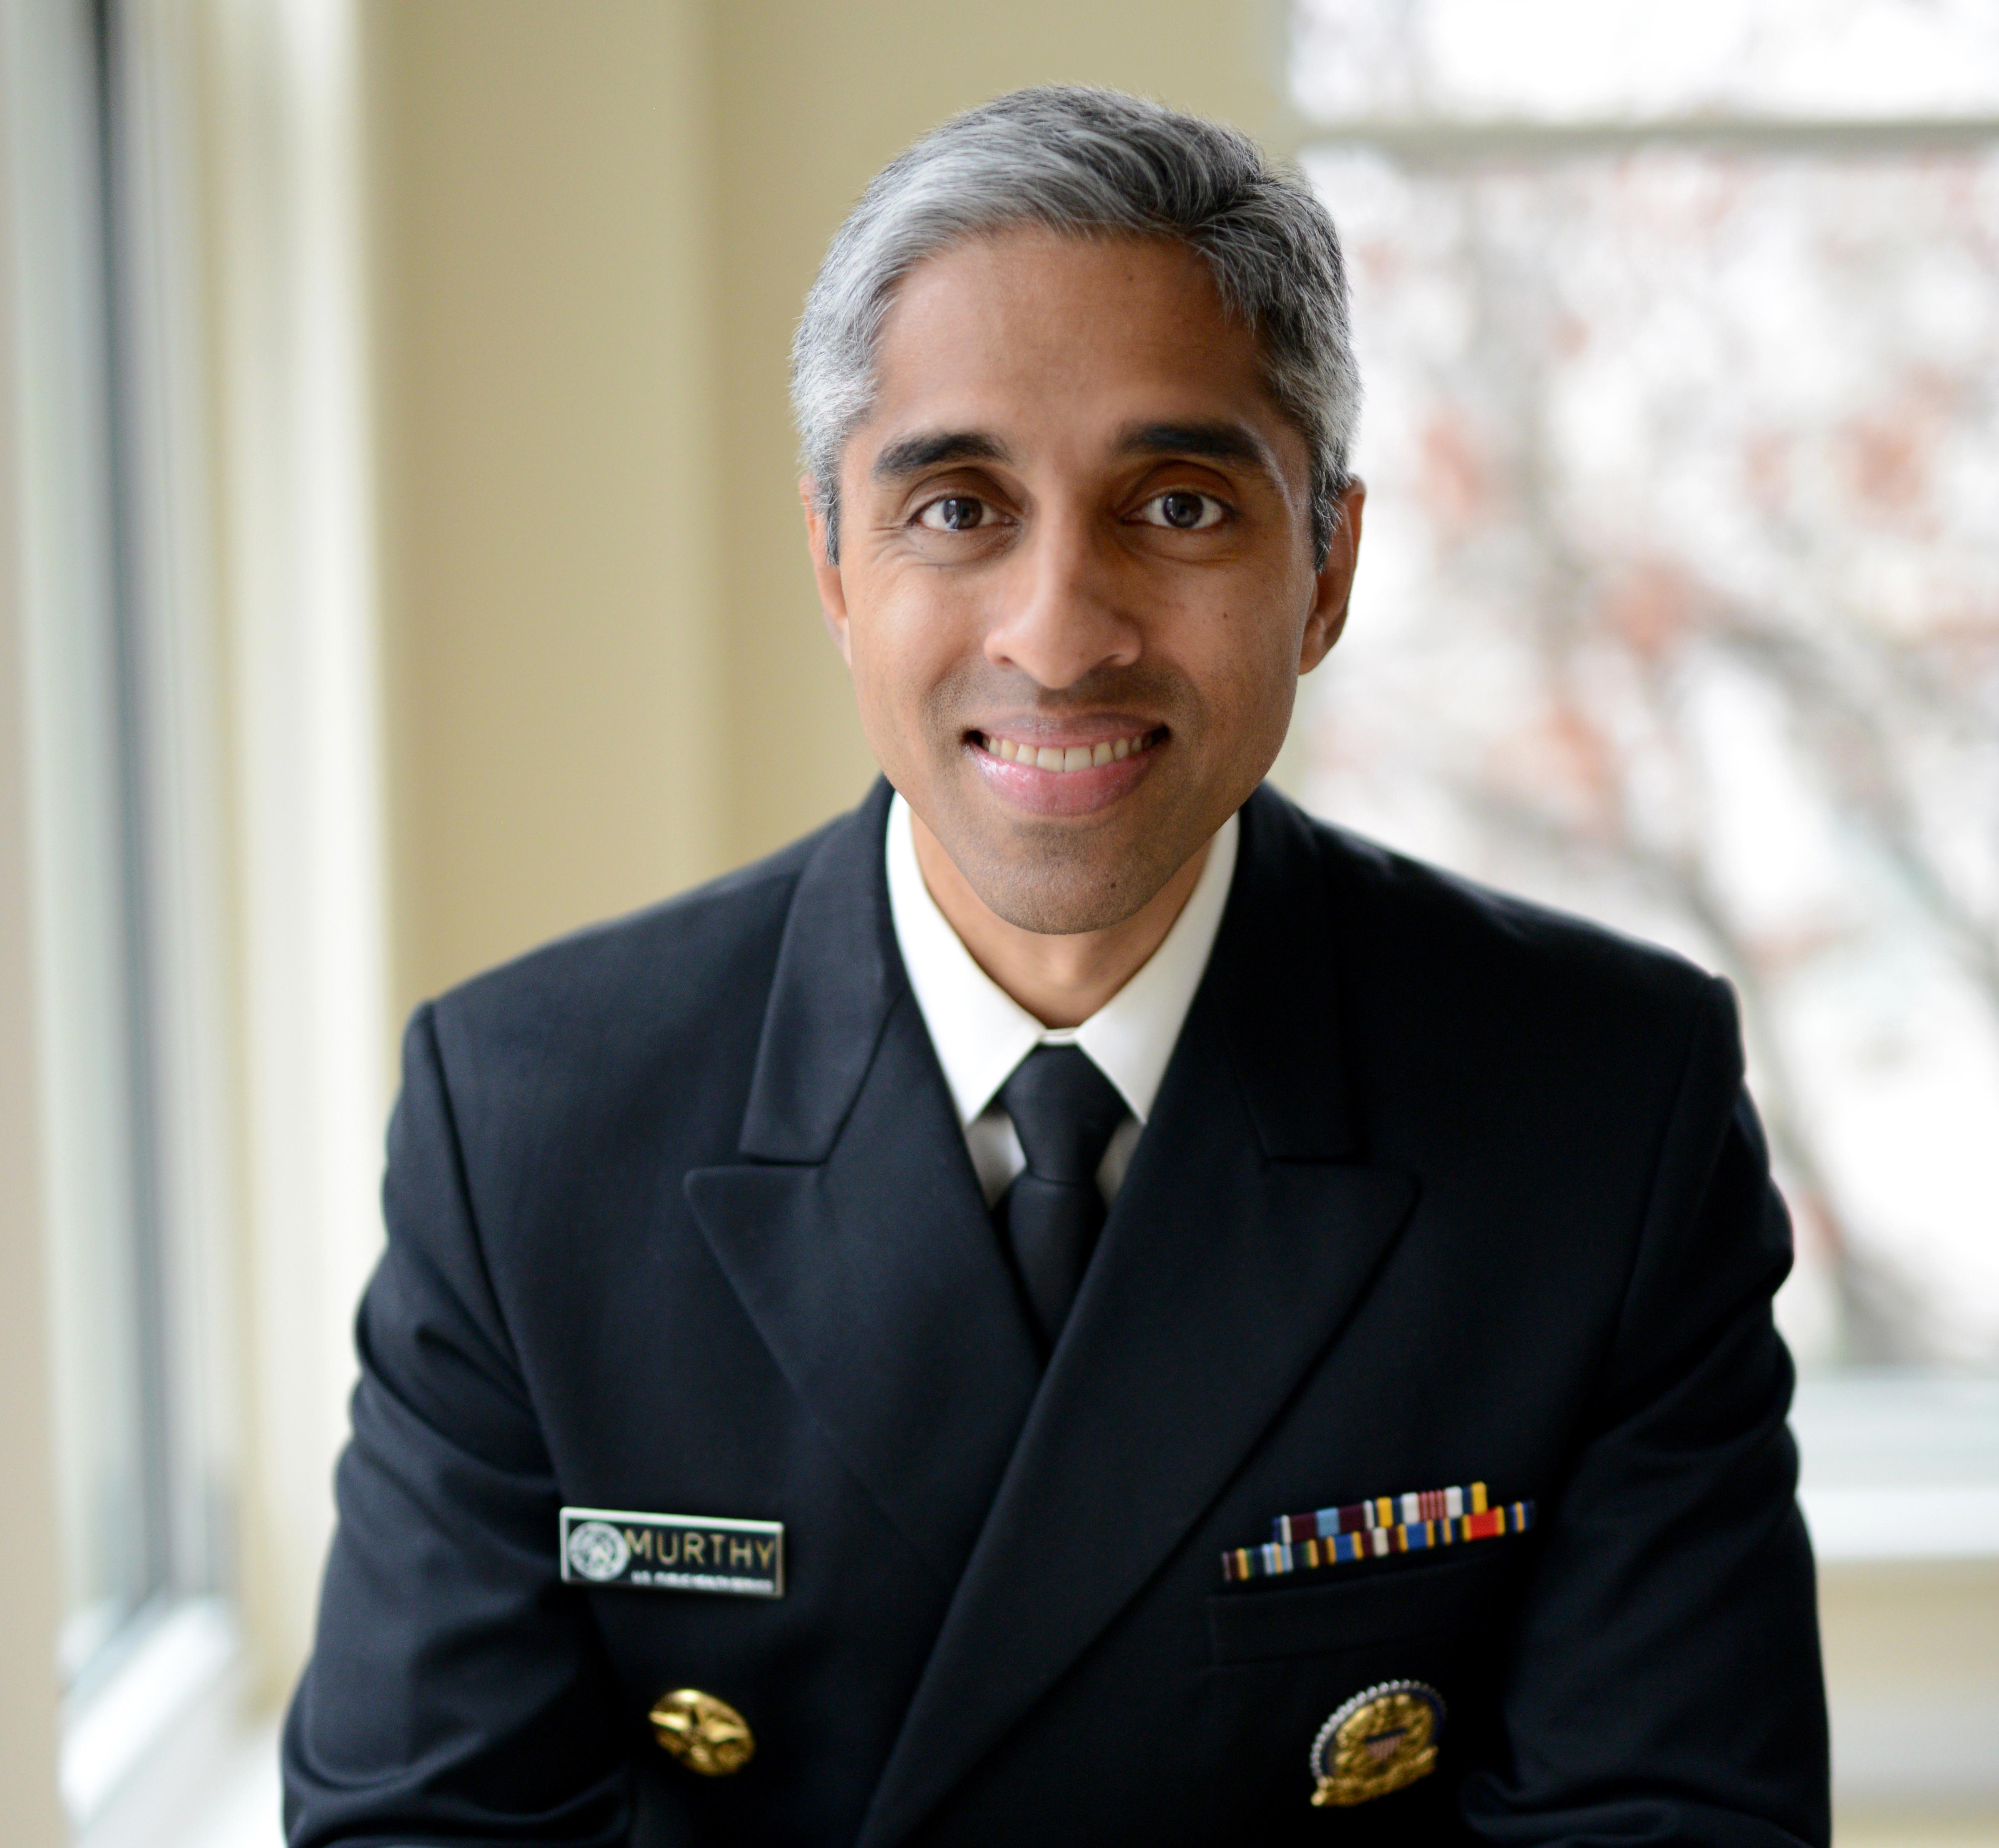 portrait of vivek murthy wearing uniform